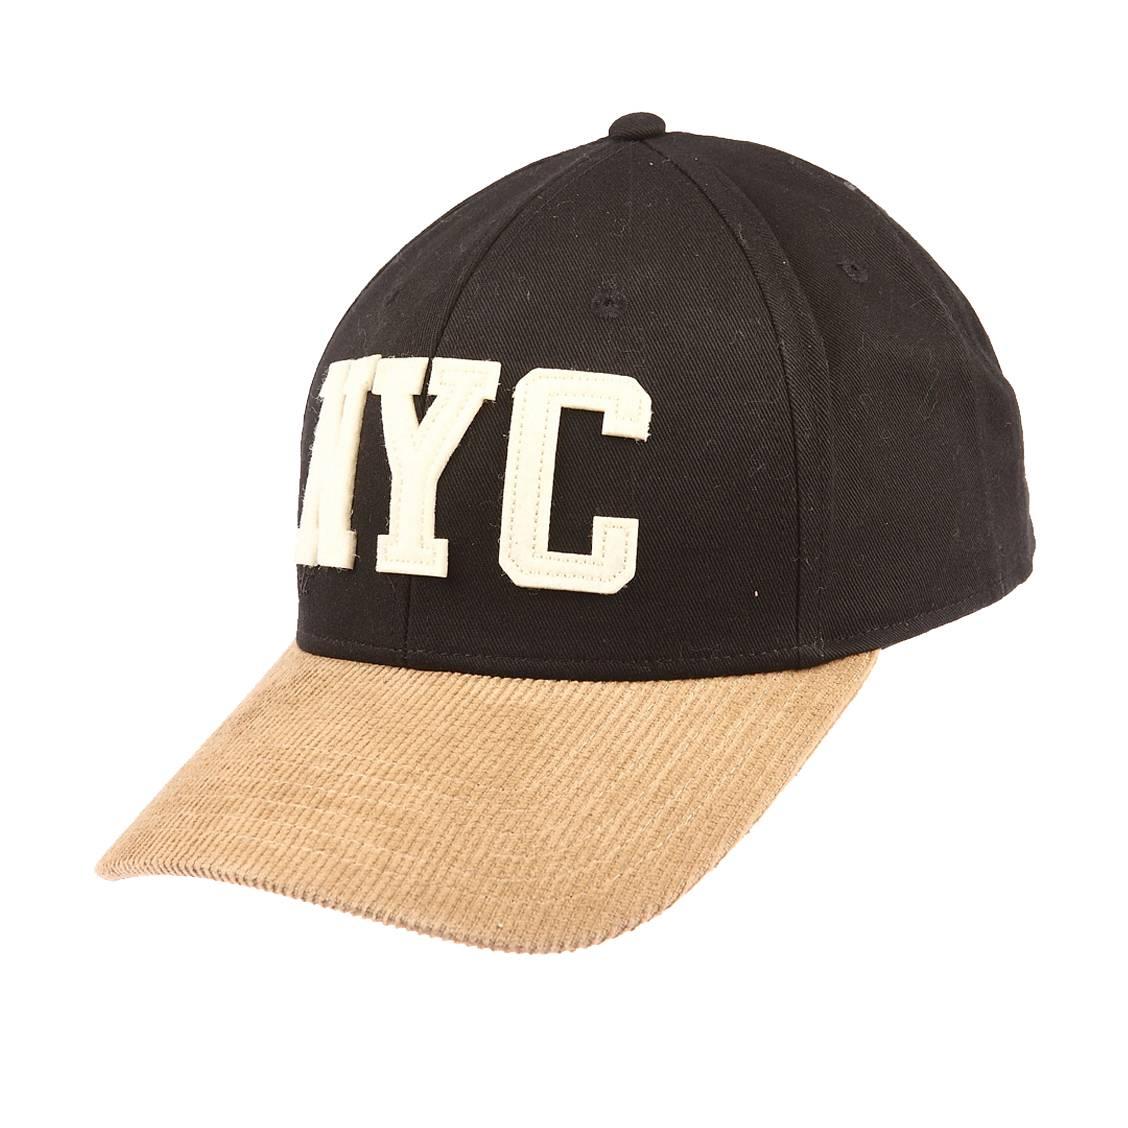 Schott nyc - accessoires de mode